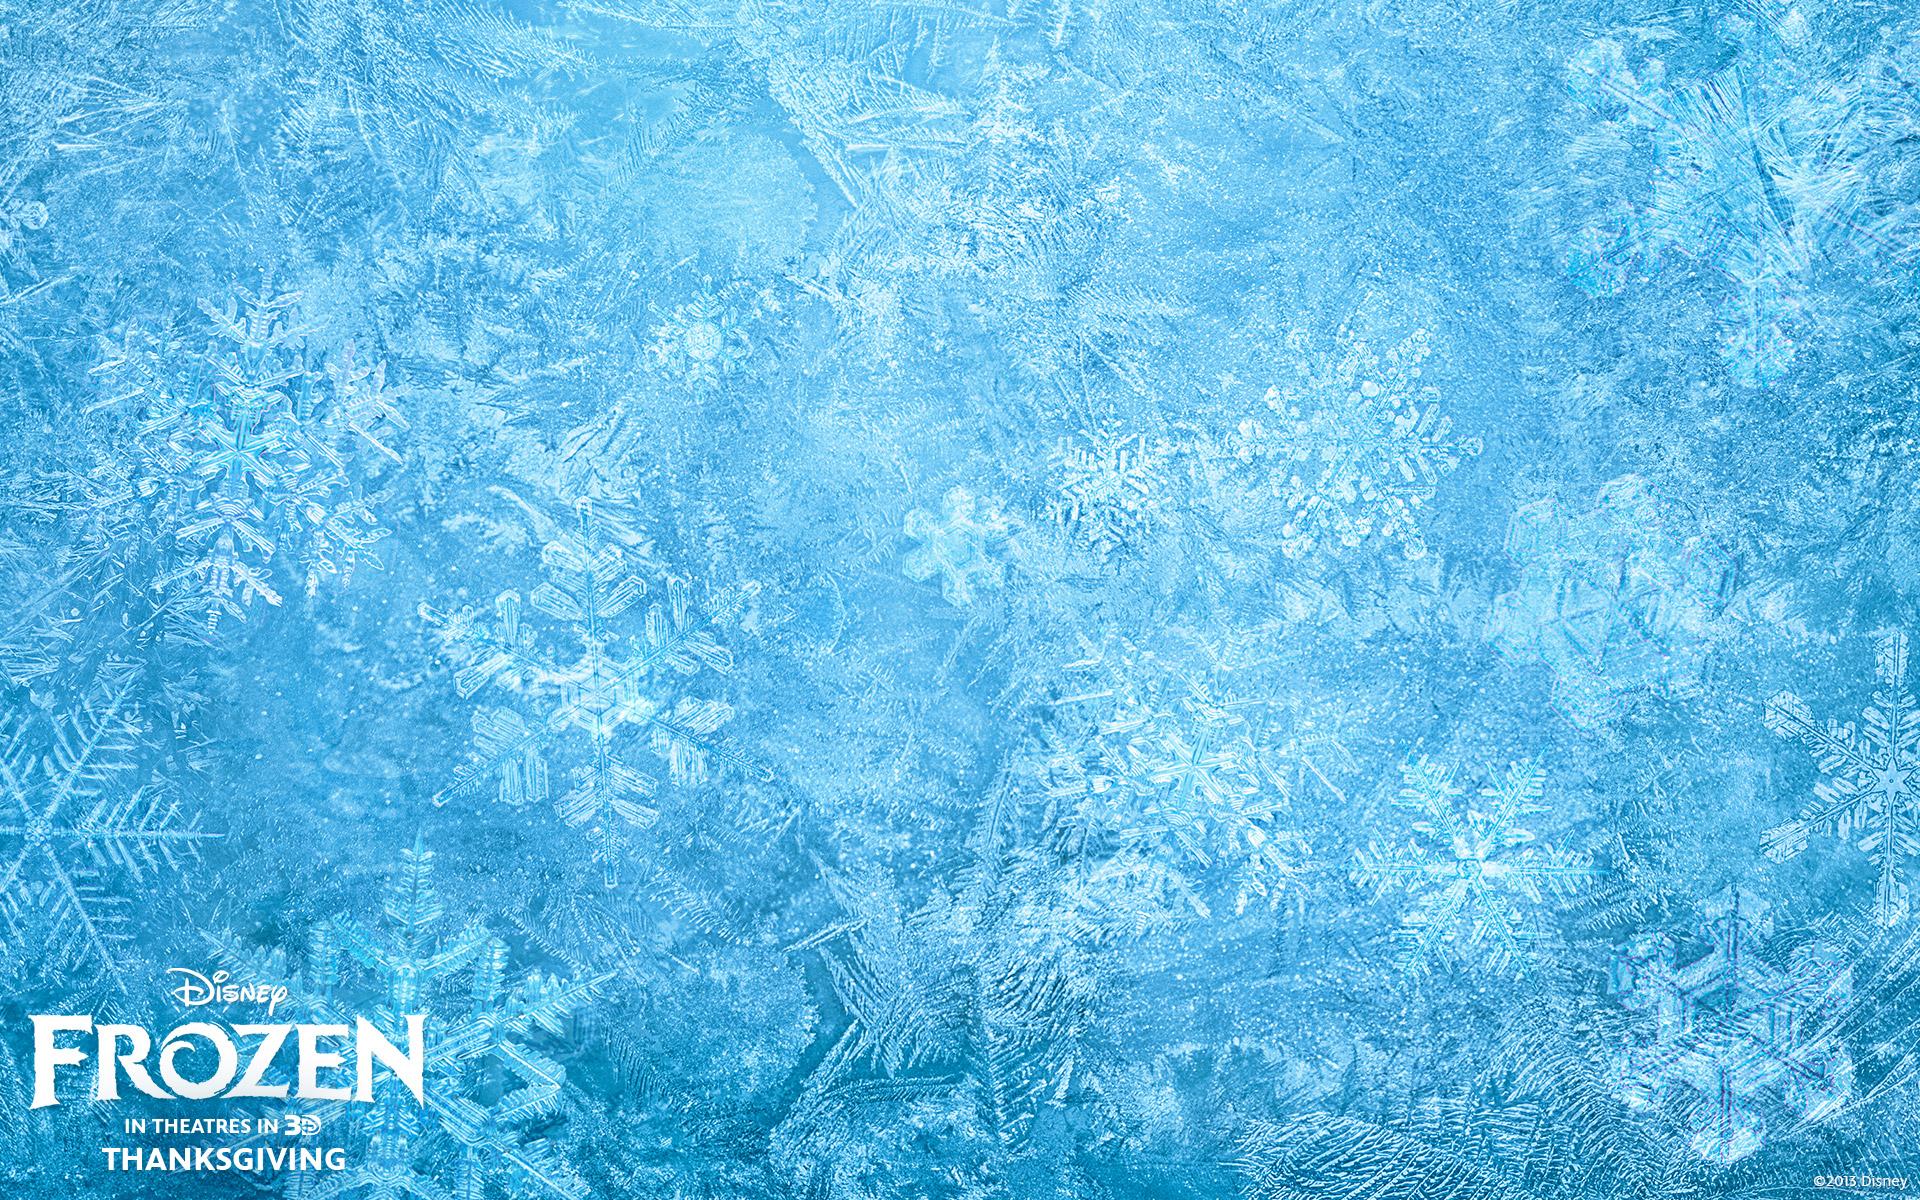 Frozen Imgenes de todos sus personajes Imgenes para Peques 1920x1200